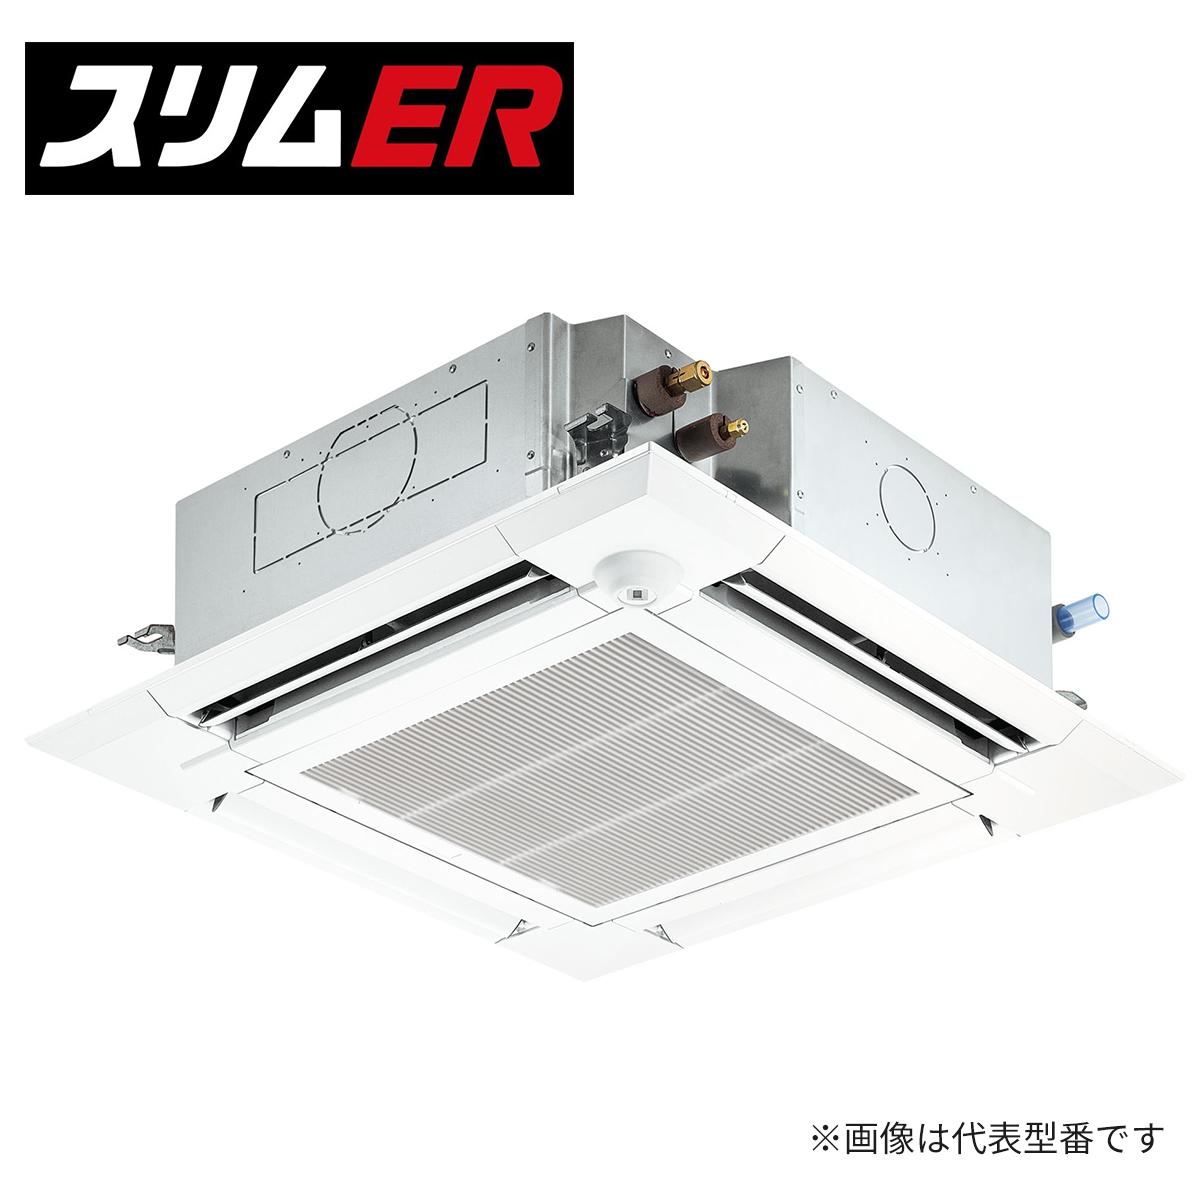 ###三菱 業務用エアコン【PLZ-ERMP45SELER】スリムER 4方向天井カセット形(ファインパワーカセット) 標準シングル ワイヤレス 単相200V 1.8馬力